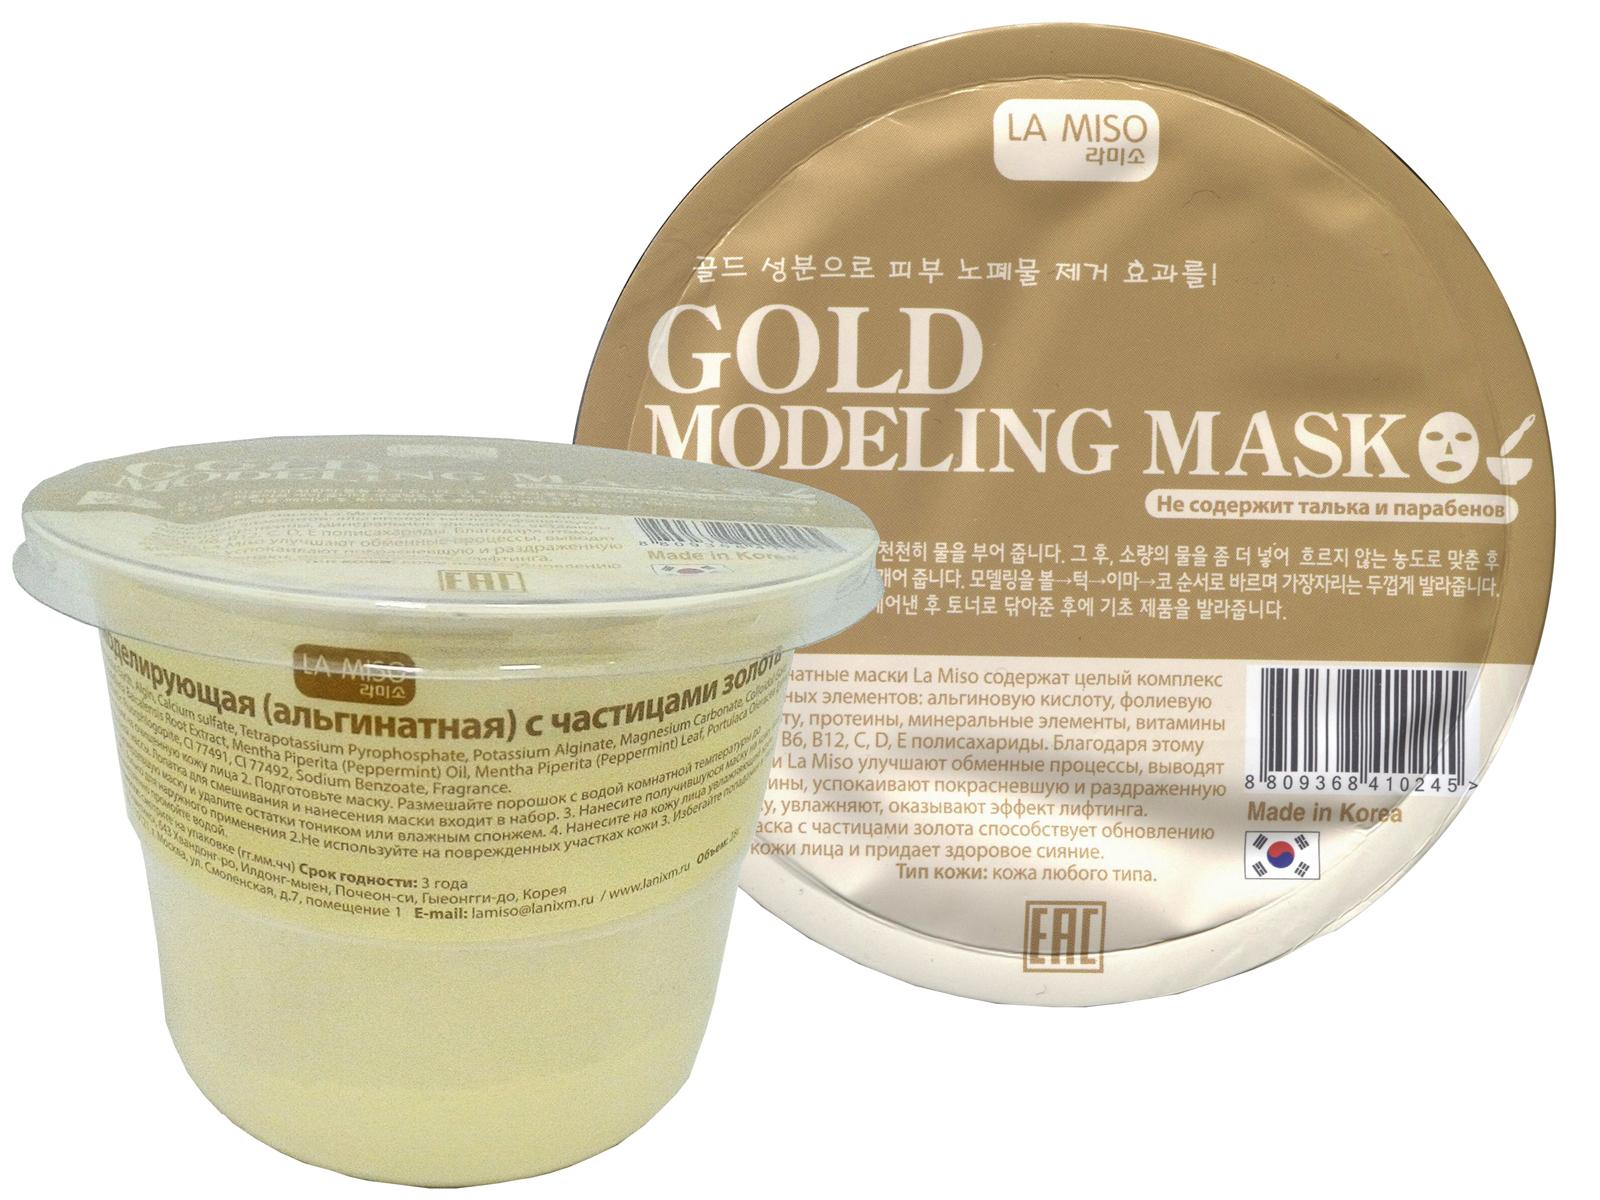 La Miso Маска моделирующая, альгинатная с частицами золота, 28 гВТК0001Альгинатные маски La Miso содержат целый комплекс полезных элементов: альгиновую кислоту, фолиевую кислоту, протеины, минеральные элементы, витамины A, B1, B6, B12, C, D, E полисахариды. Благодаря этому маски La Miso улучшают обменные процессы, выводят токсины, успокаивают покрасневшую и раздраженную кожу, увлажняют, оказывают эффект лифтинга.